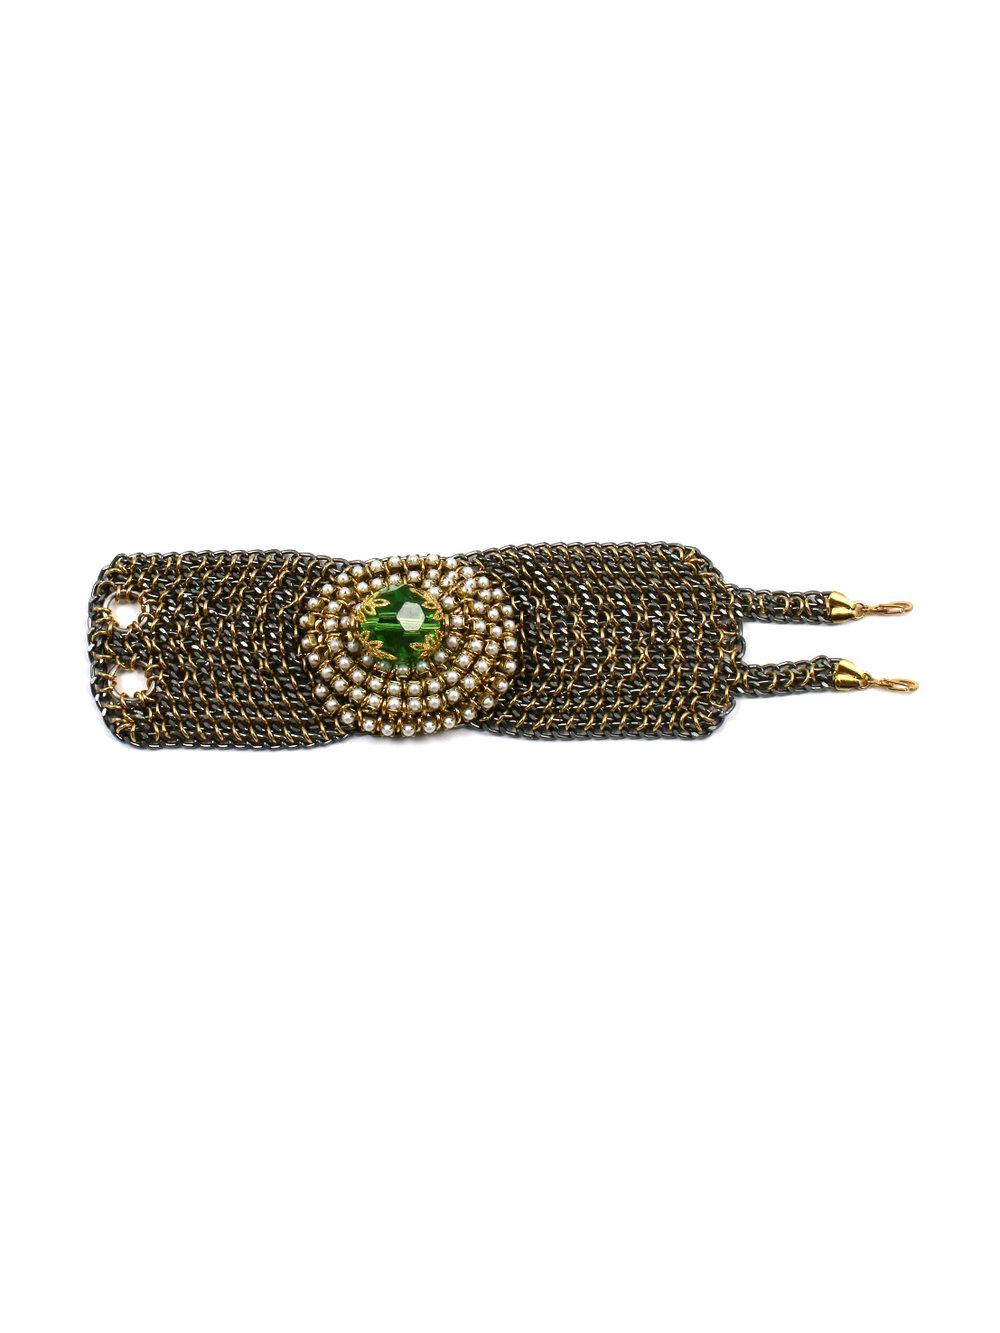 035 Pearl Swirl Bracelet.jpg